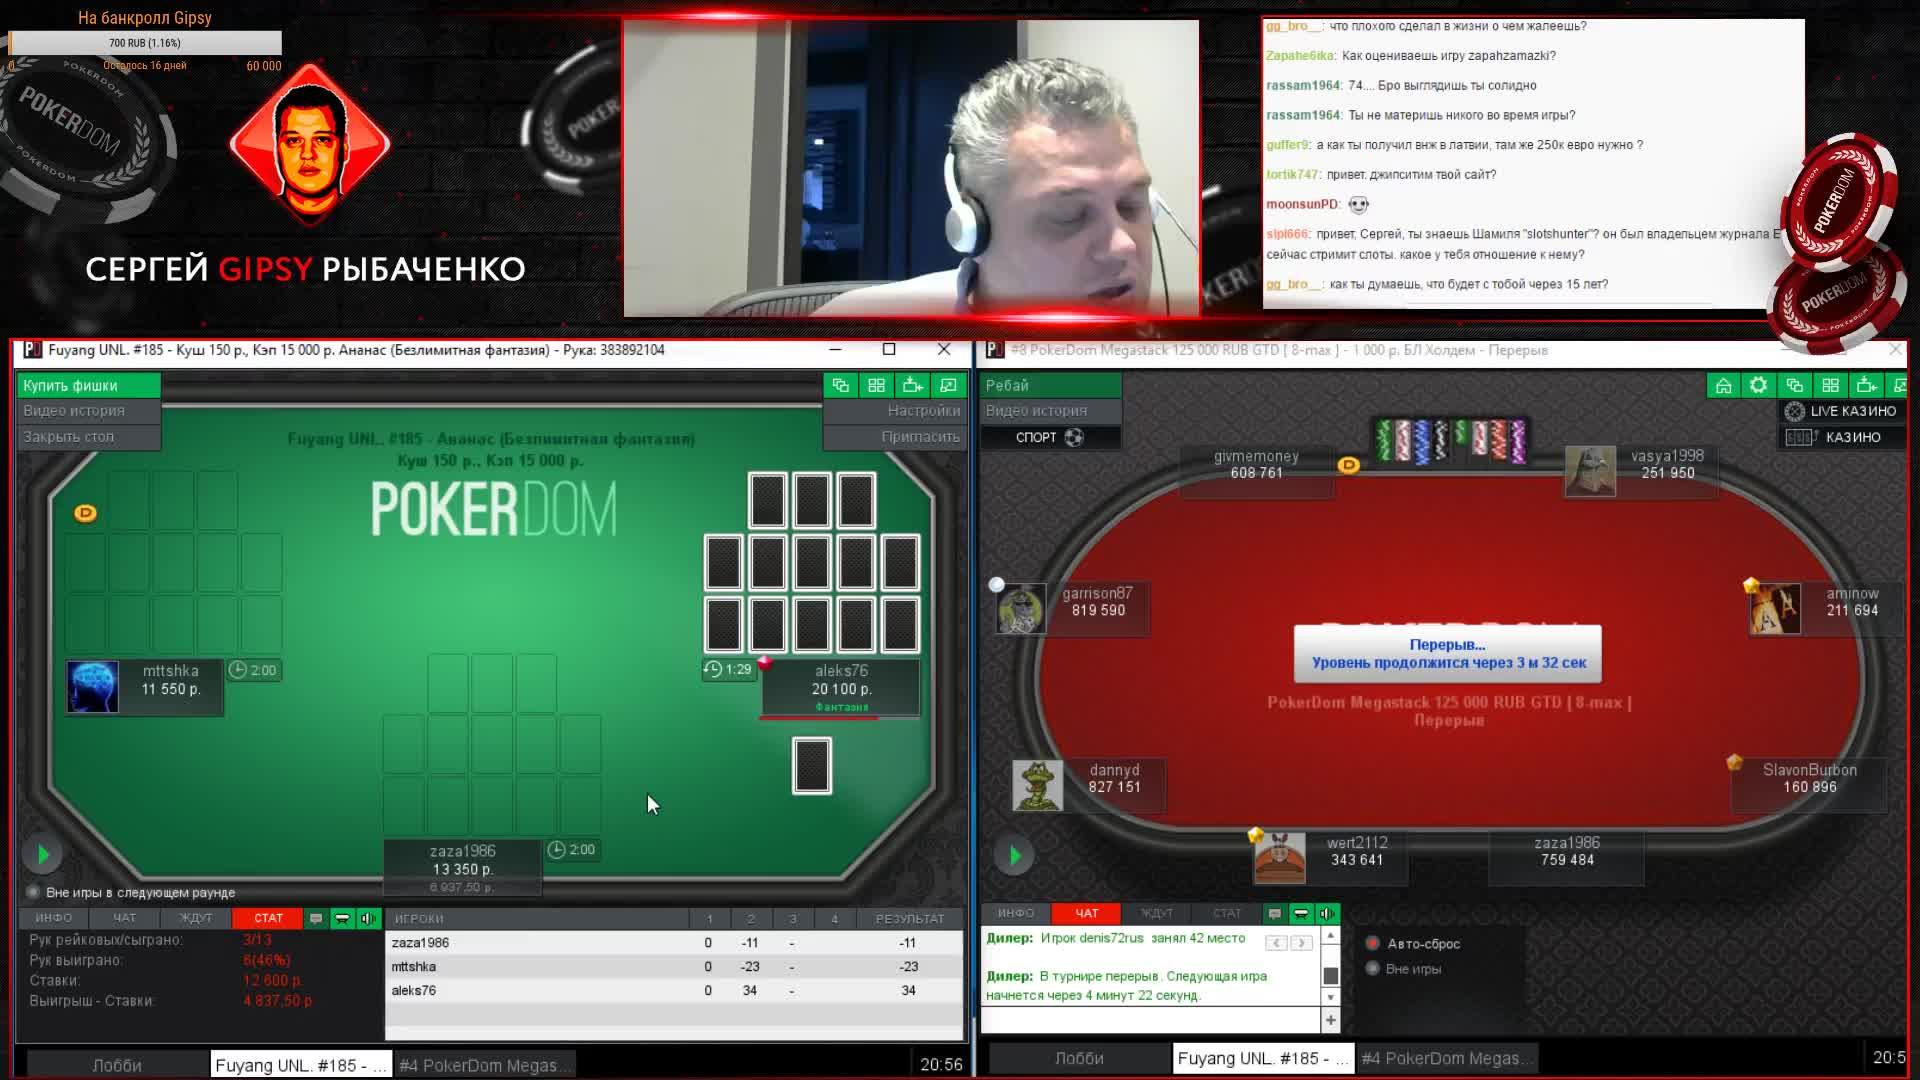 фото Играть деньги покердом на